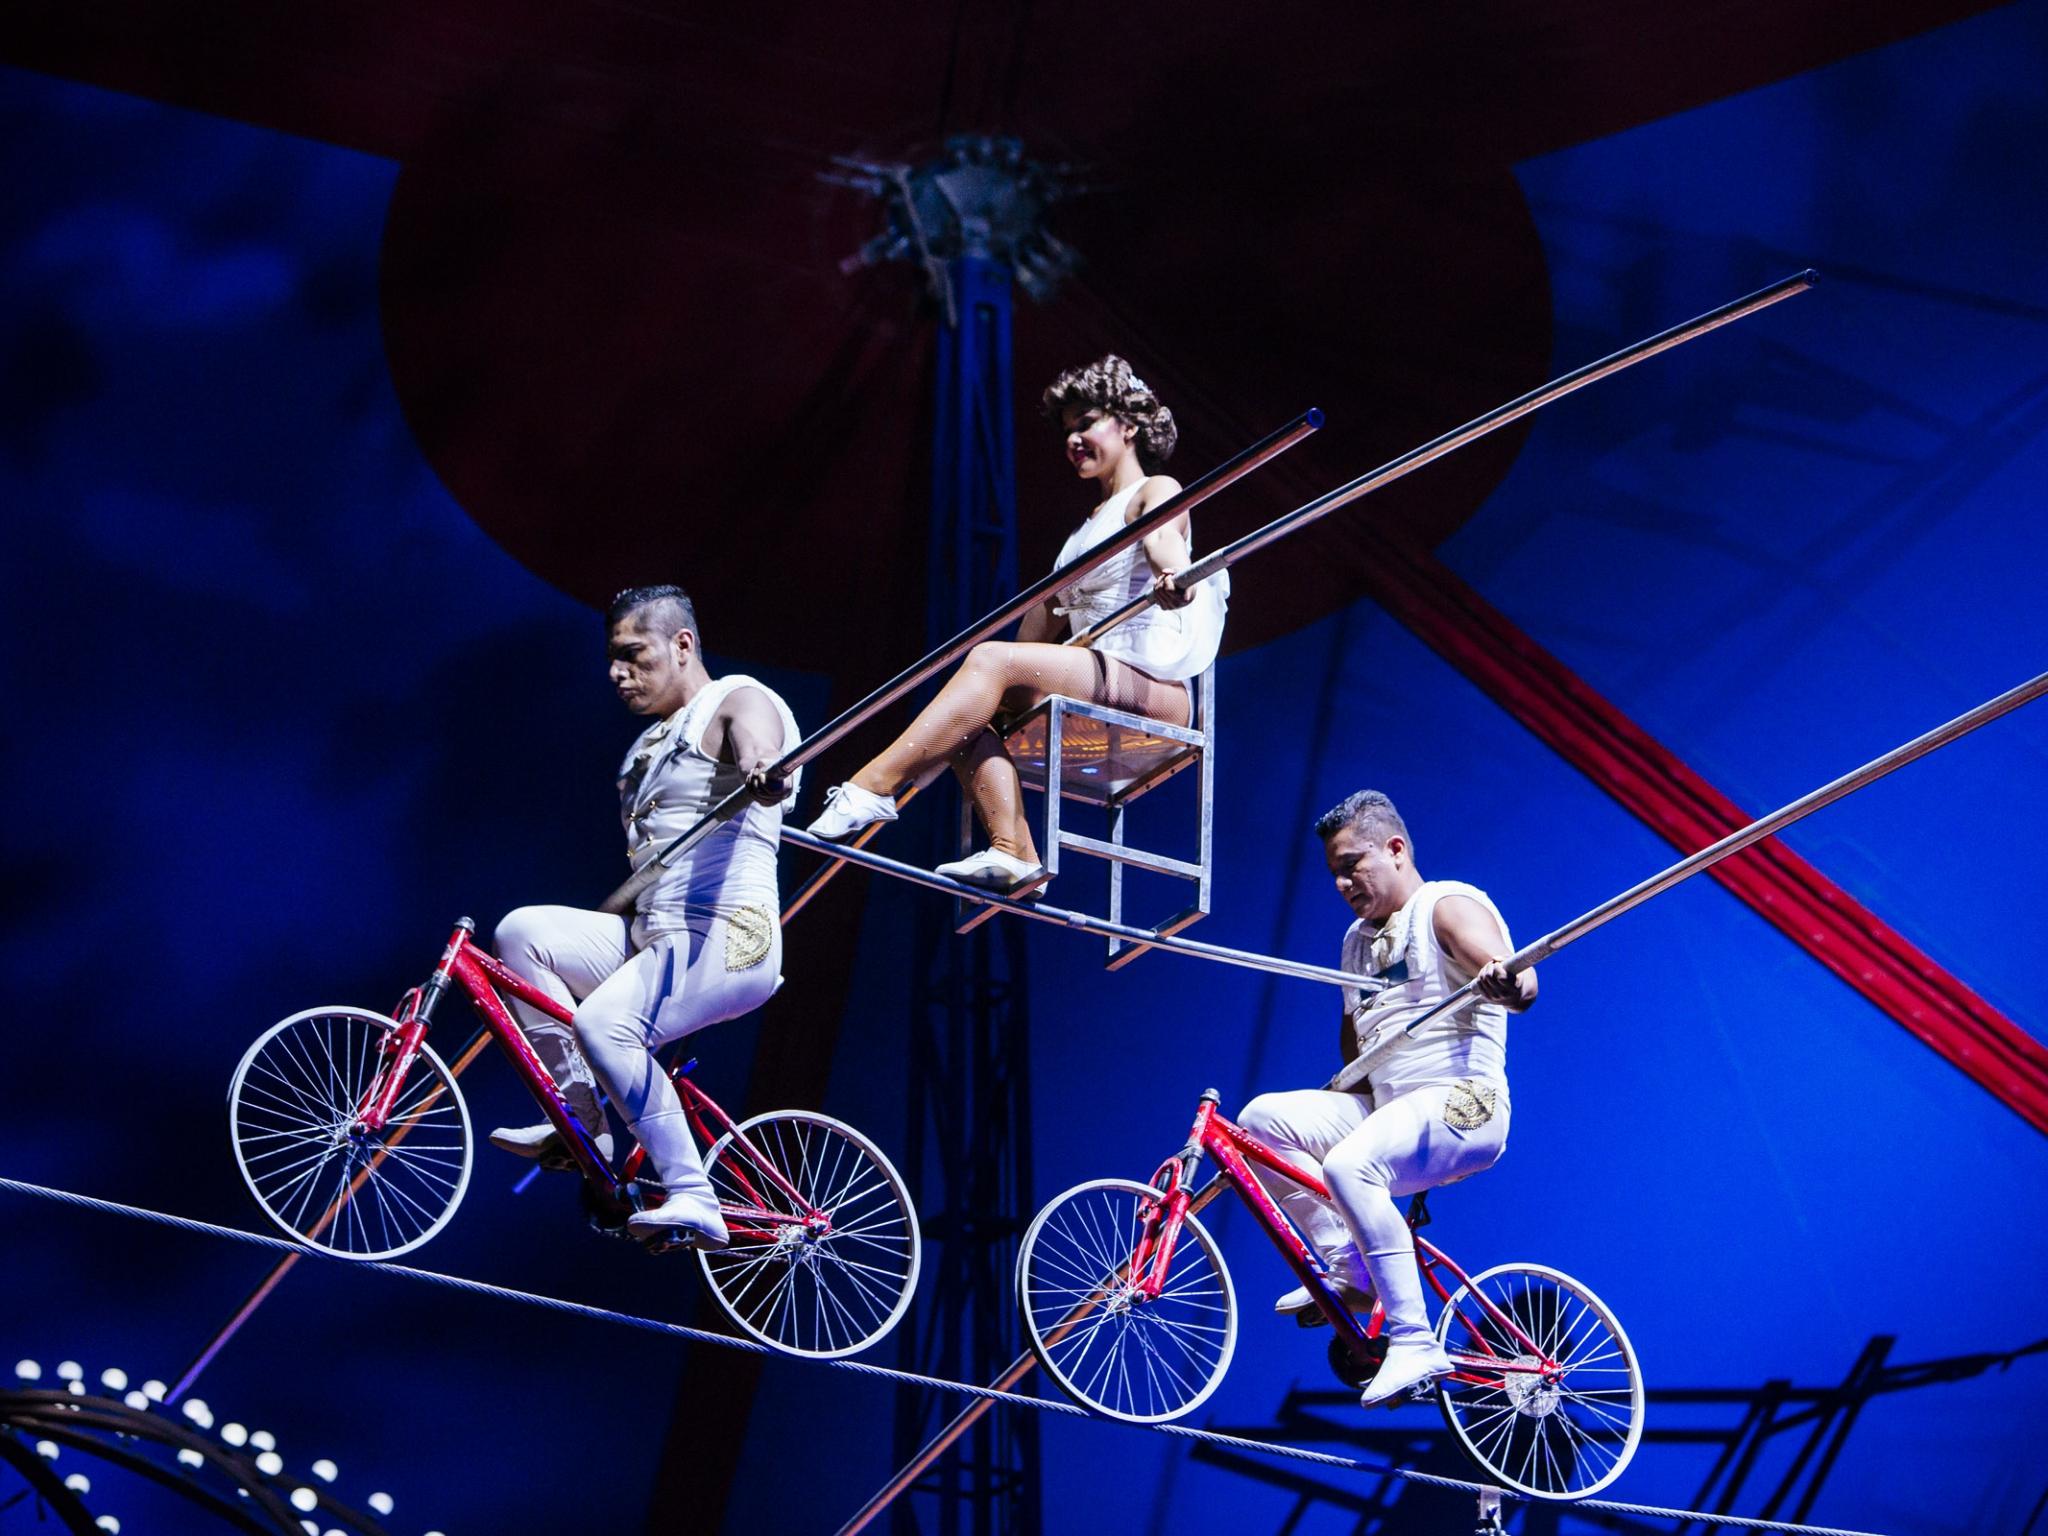 Circus_Krone_Hochseil_Showprogramm